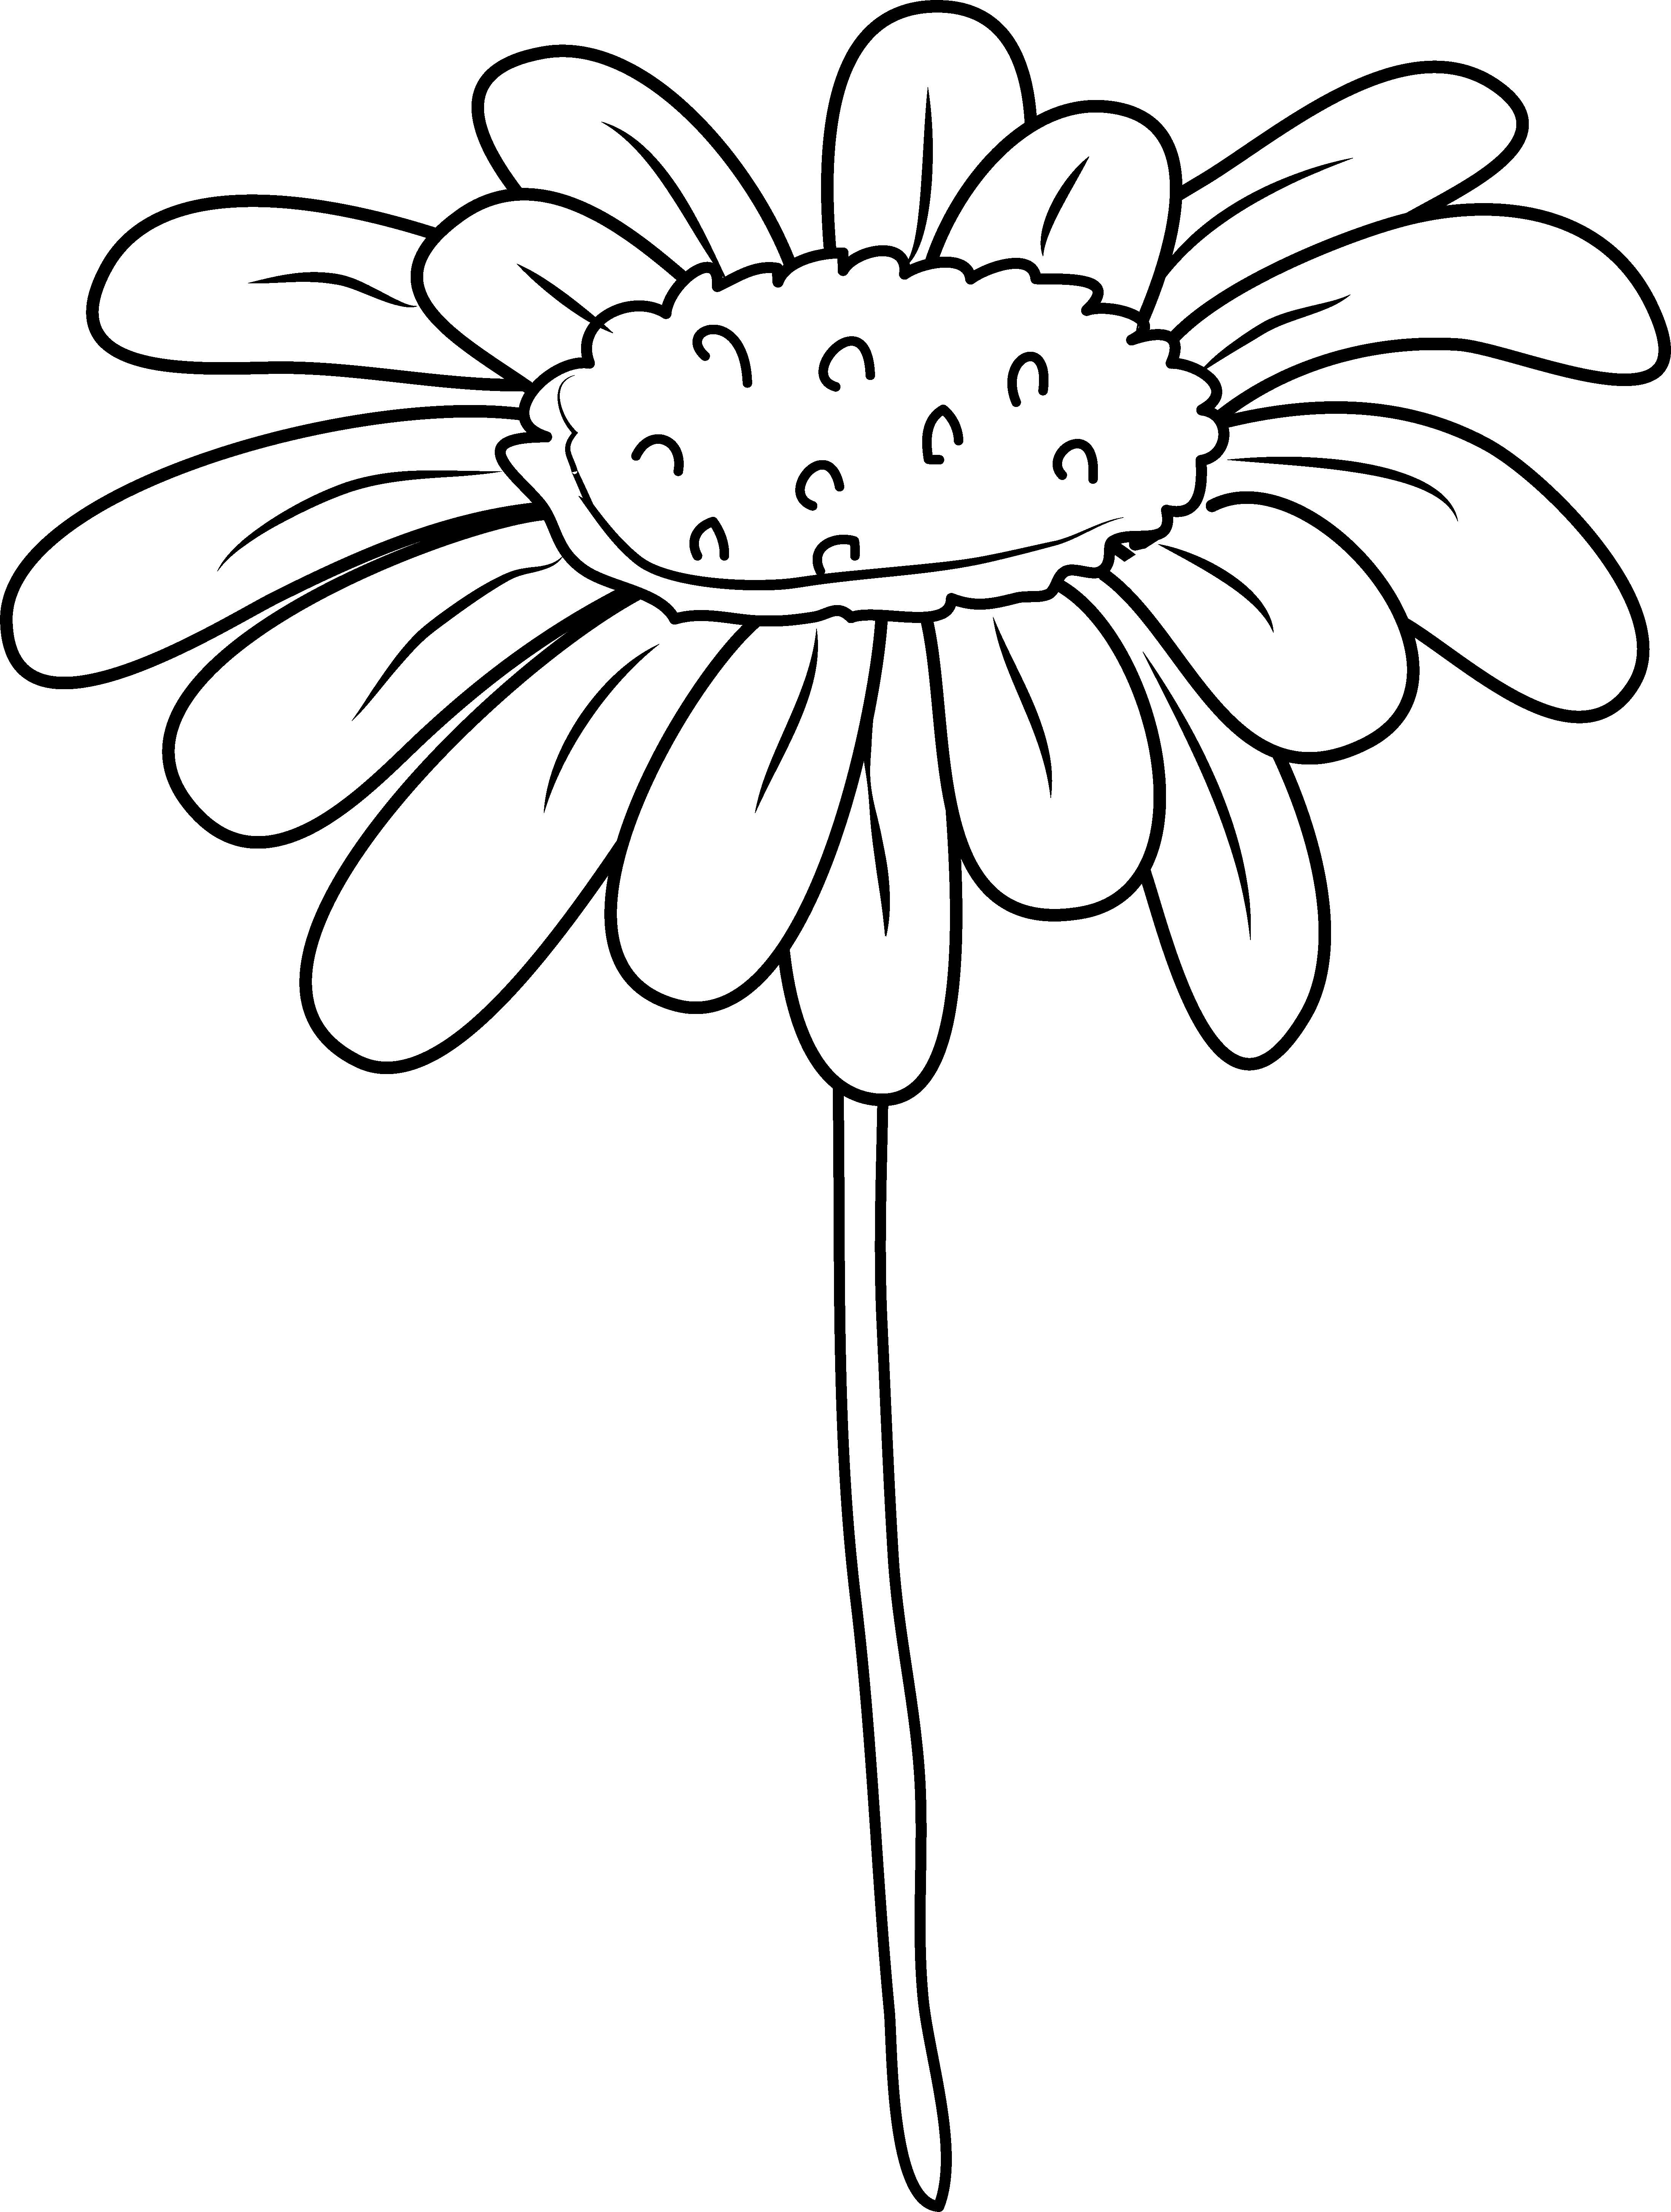 daisy flower clipart #6.